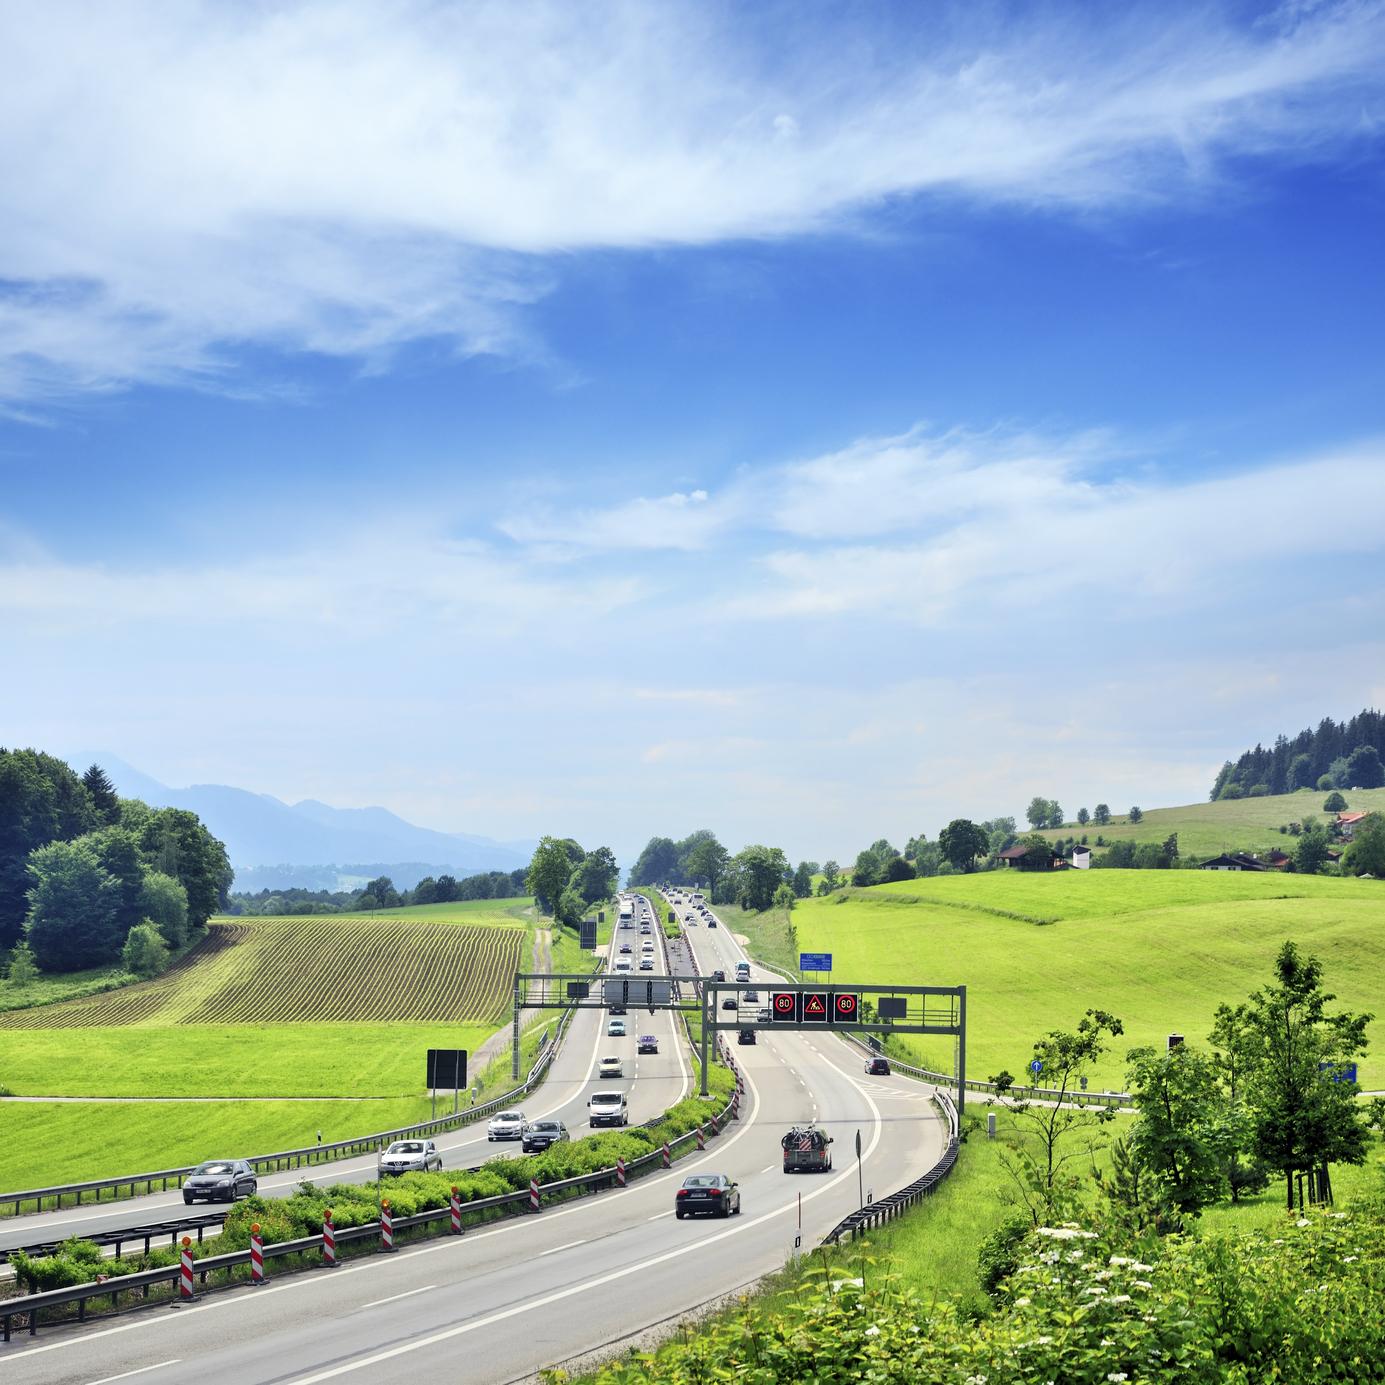 Estrada para as regiões da Baviera